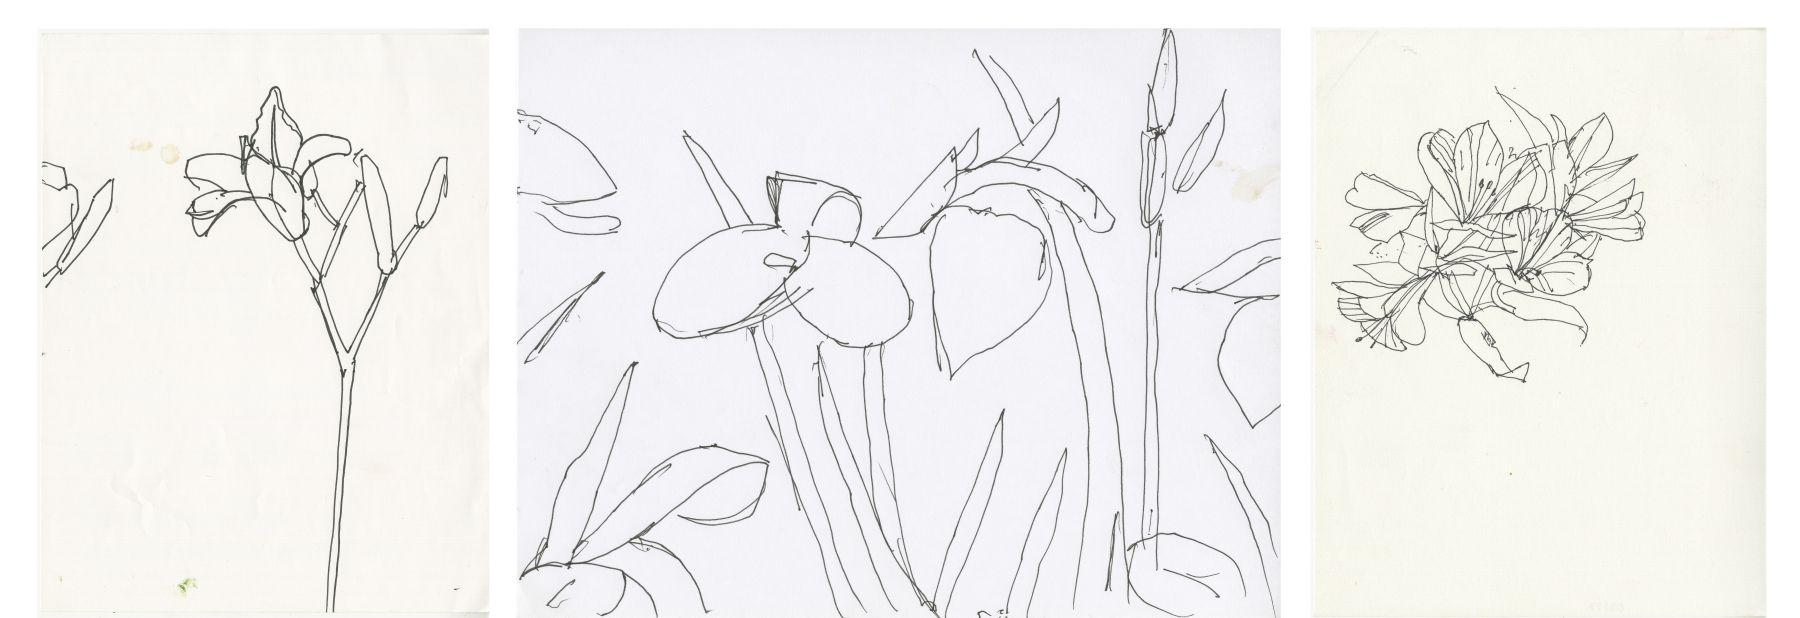 AK Sketches